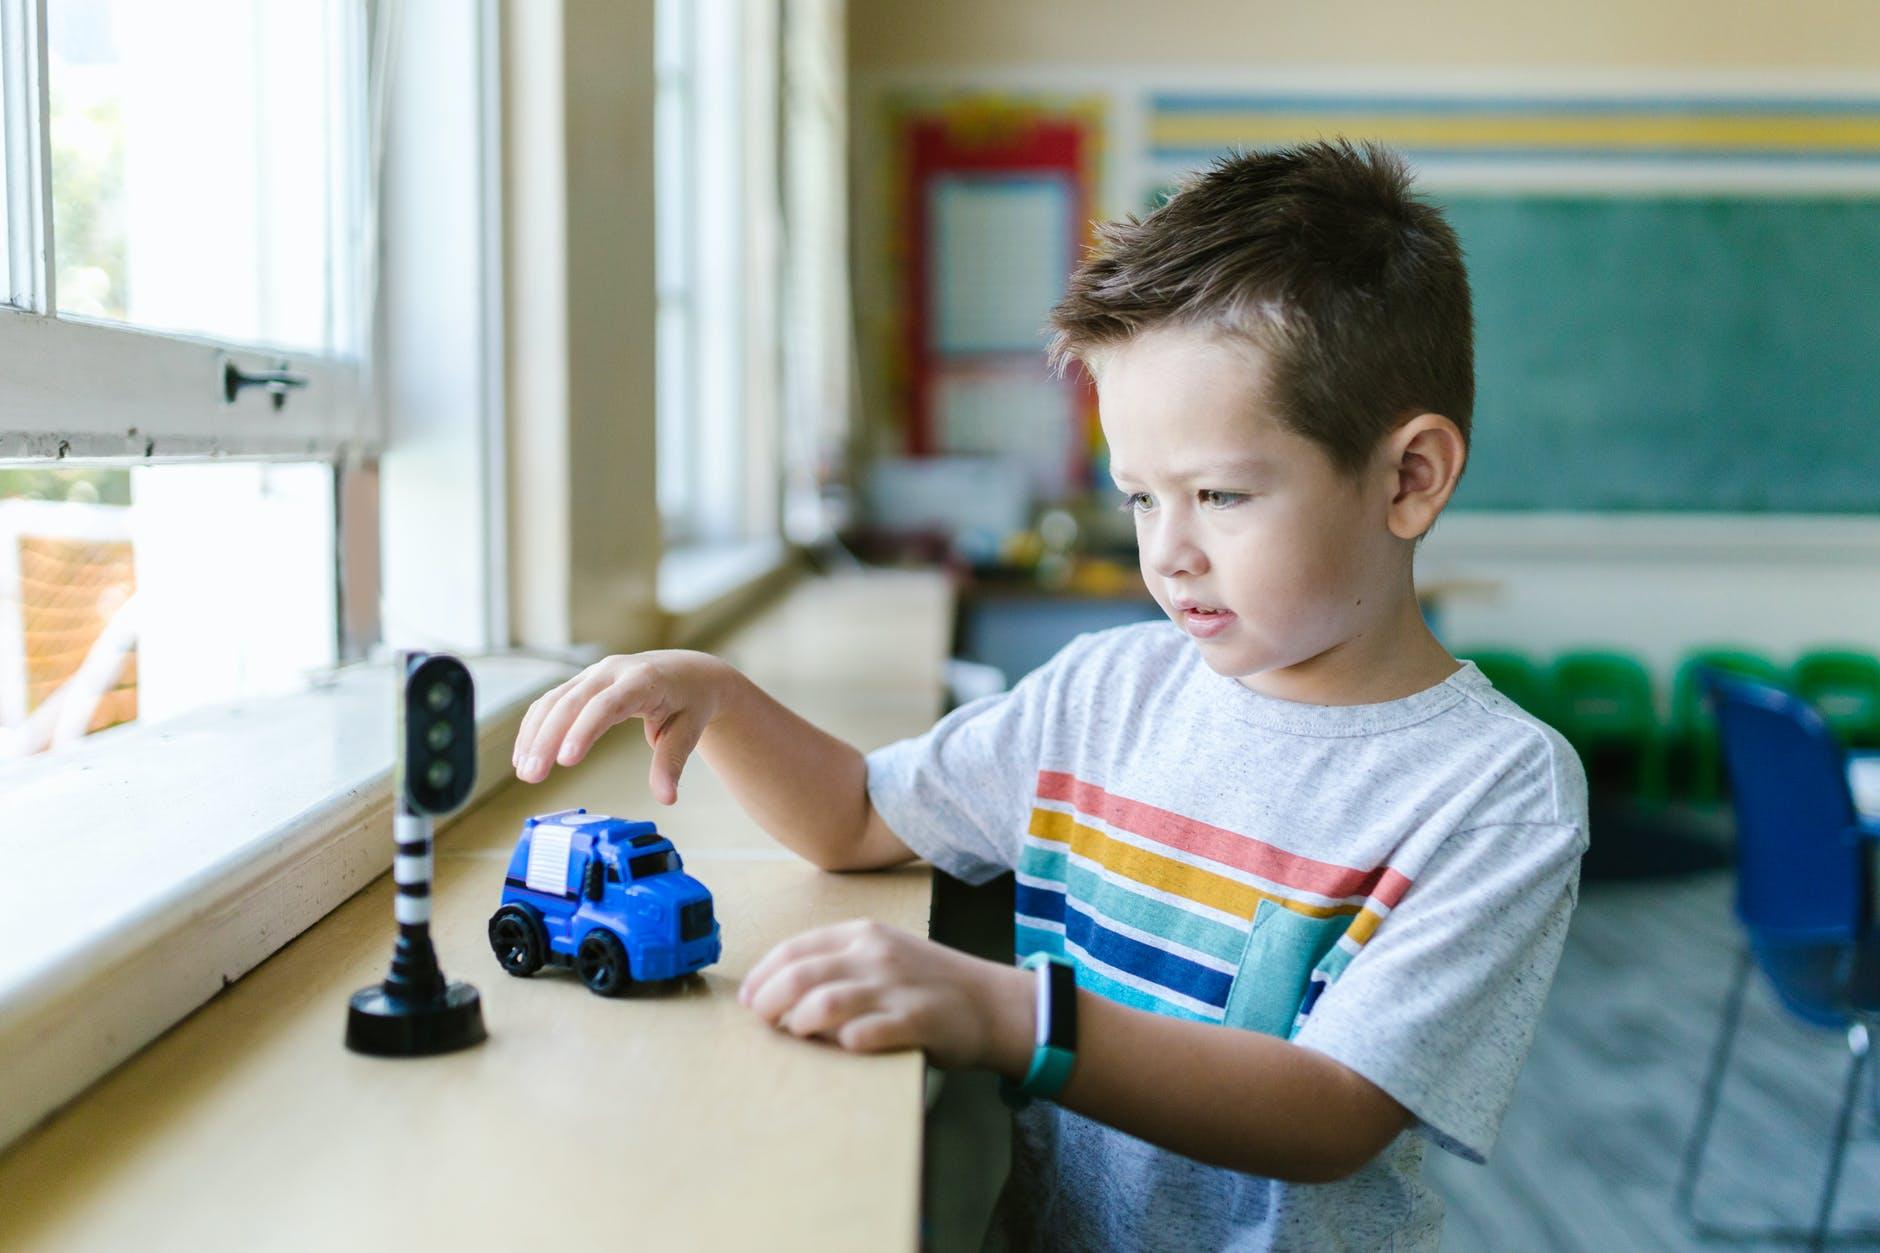 W świecie zabawek – scenariusz zajęć edukacyjnych